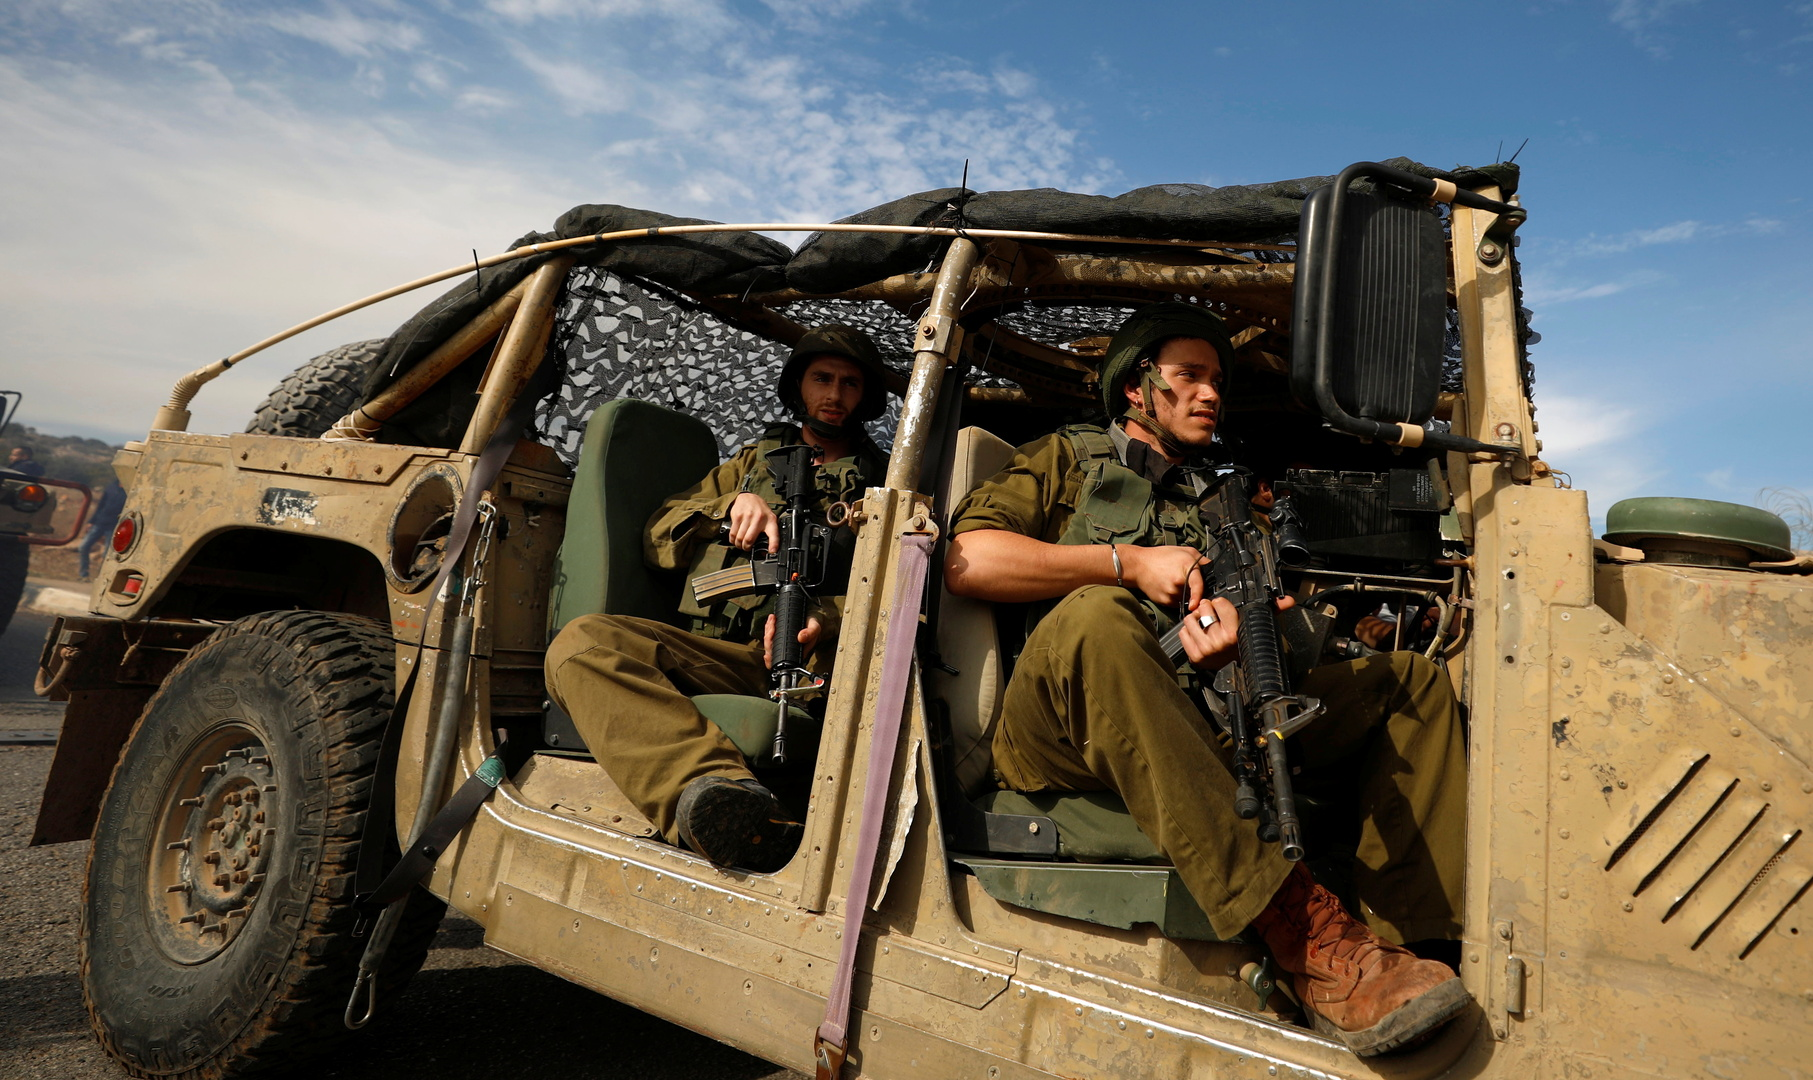 الجيش الإسرائيلي يستهدف بالخطأ سيارة مدنيين في غور الأردن